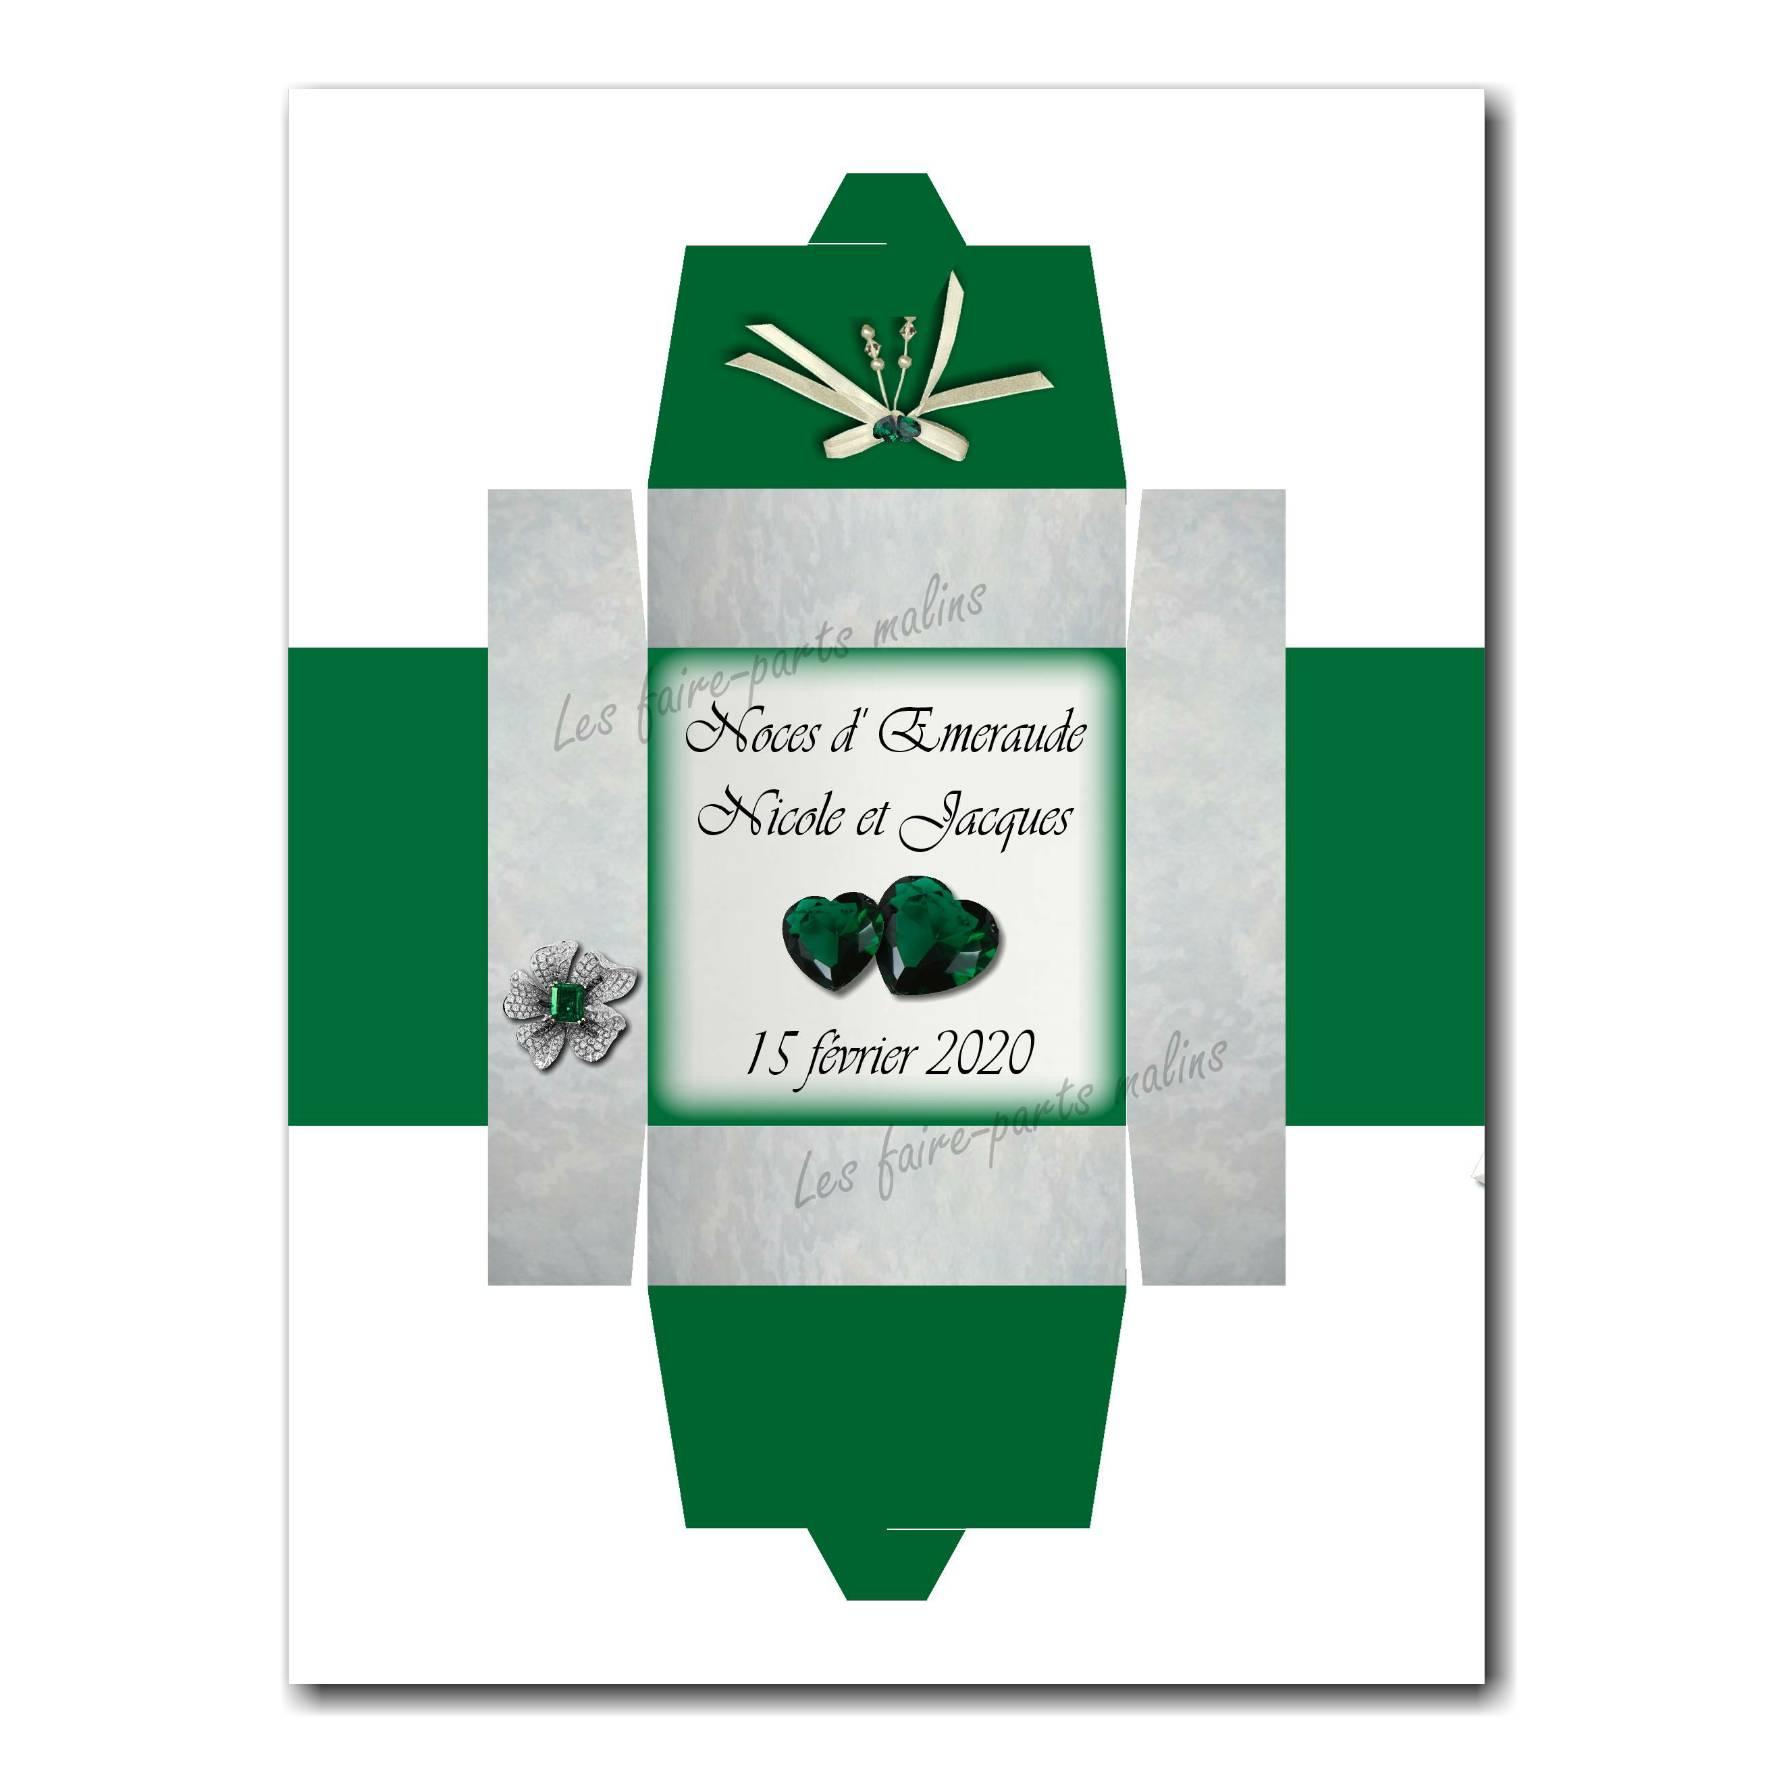 Boite noces d'émeraude vert et blanc